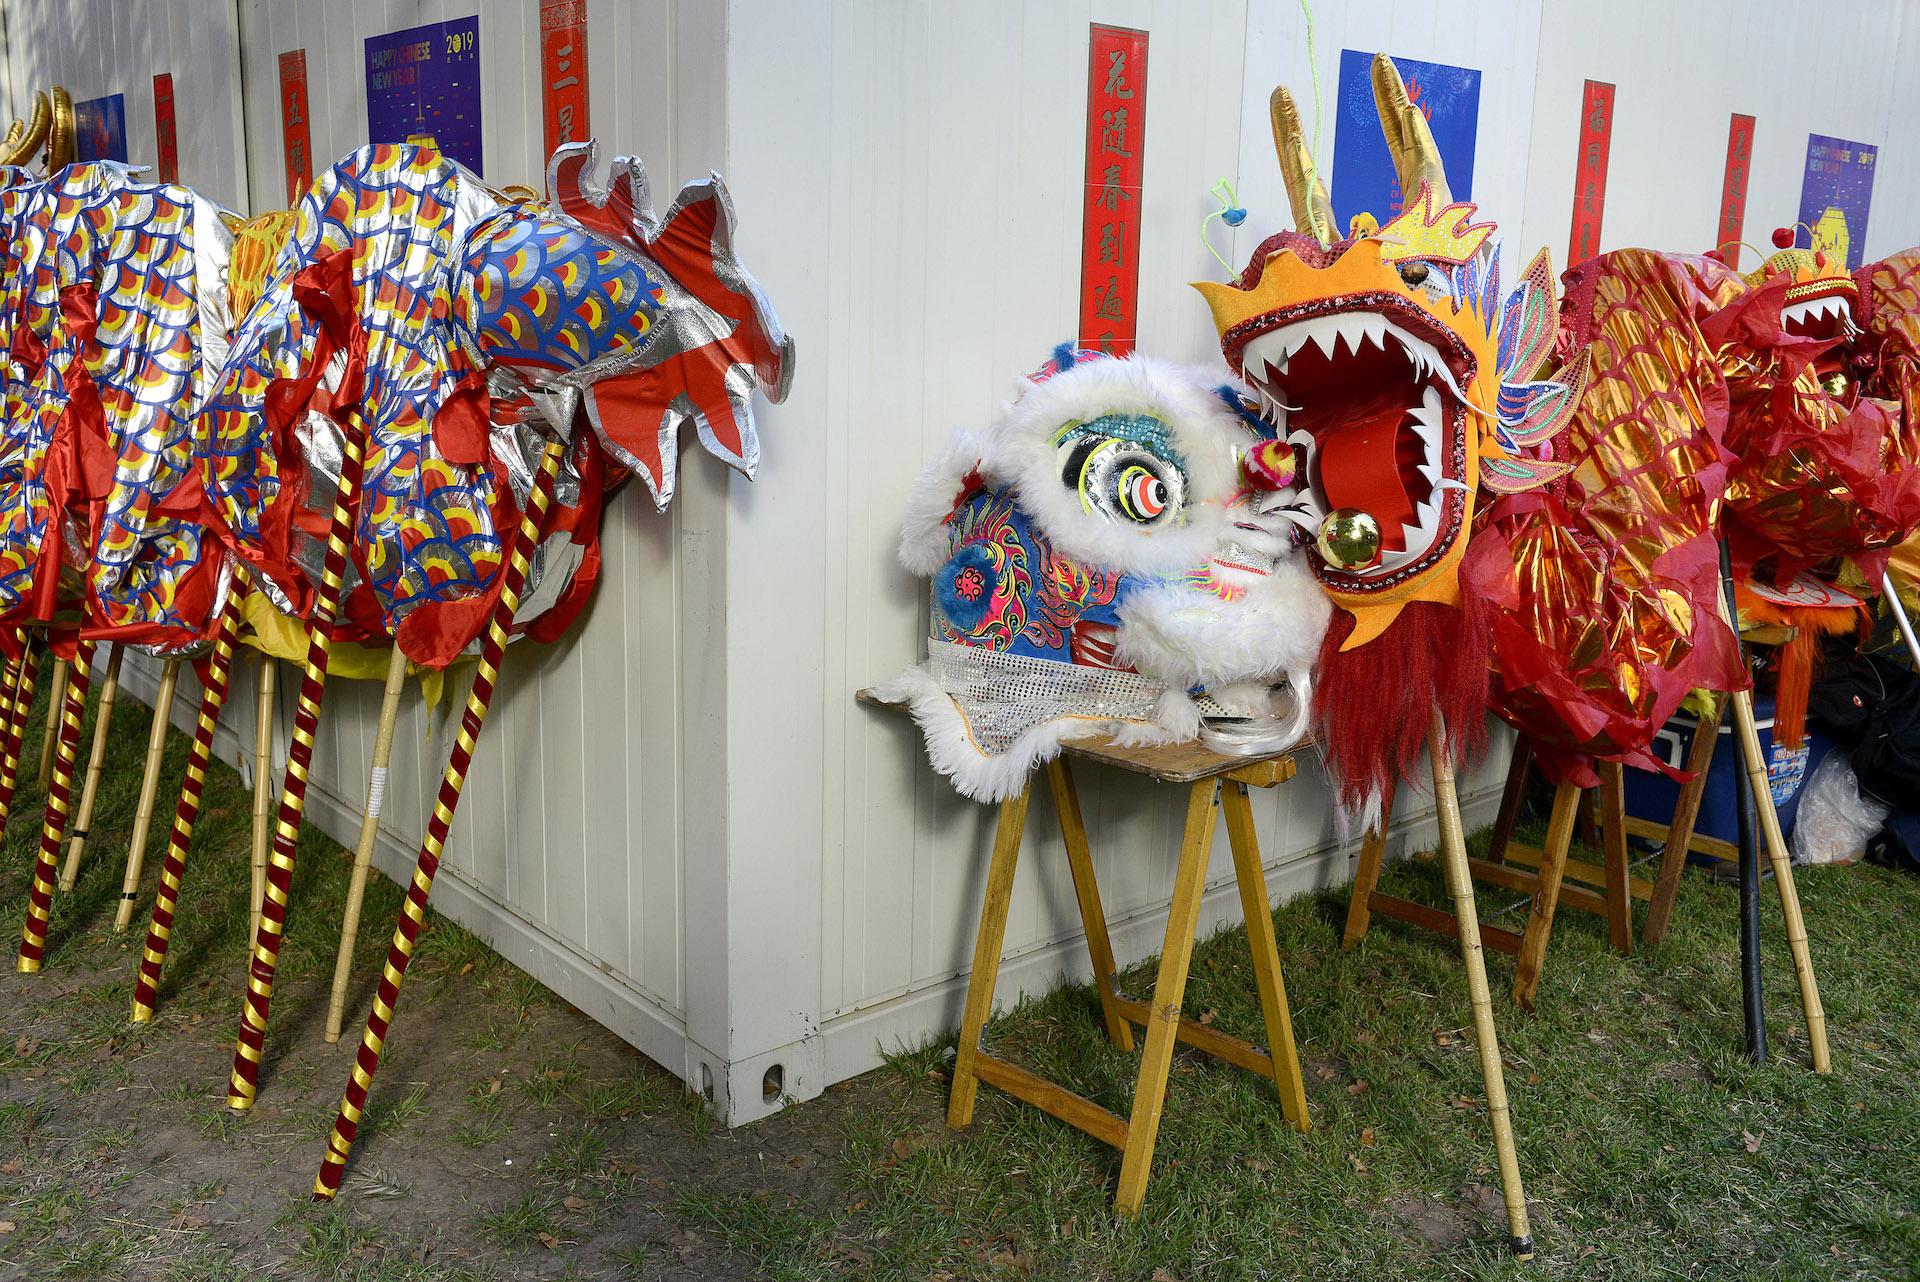 Dragones y leones a la espera de quienes los levantarán con los bastones de madera. En minutos, el Dragón serpenteará entre la multitud.